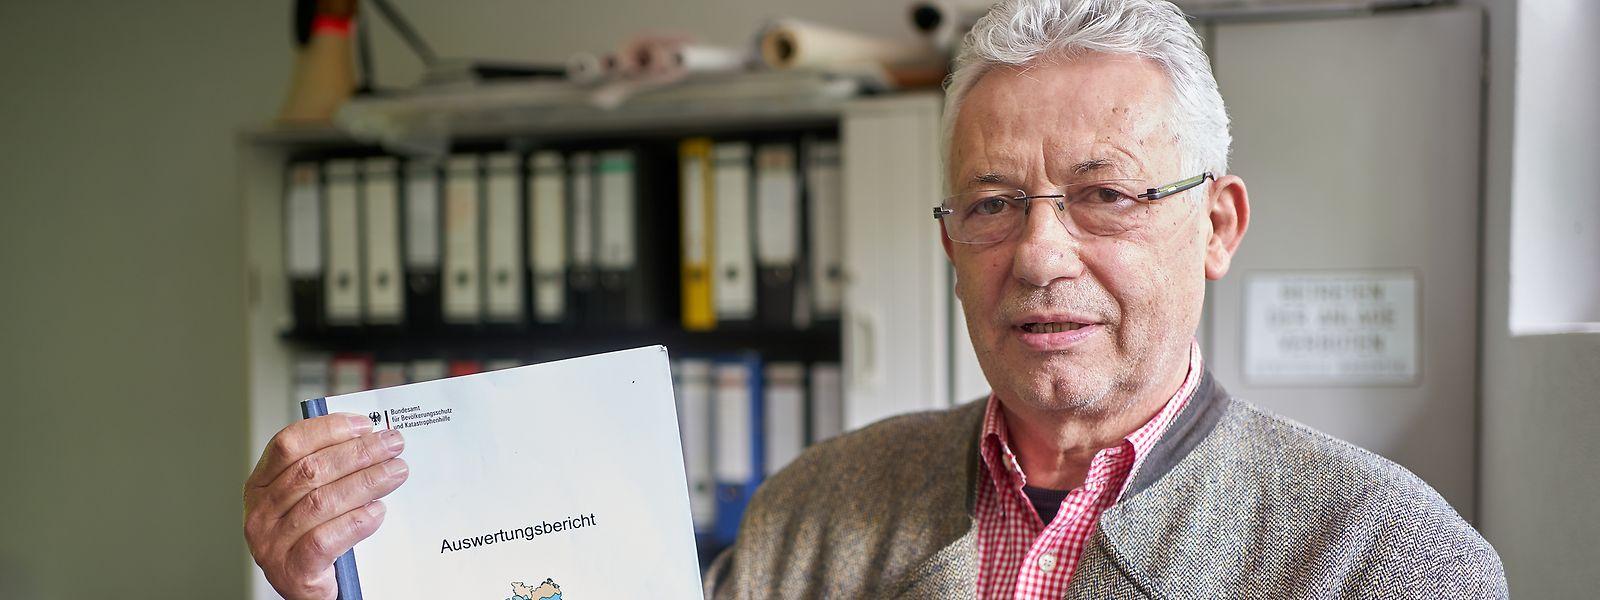 Wolfgang Grambs, Koordinator der letzten großen bundesweiten Pandemie-Übung 2007, zeigt den Abschlussbericht von LÜKEX 2007. Er beklagt eine unzureichende Umsetzung der damaligen Erkenntnisse in der heutigen Corona-Krise.